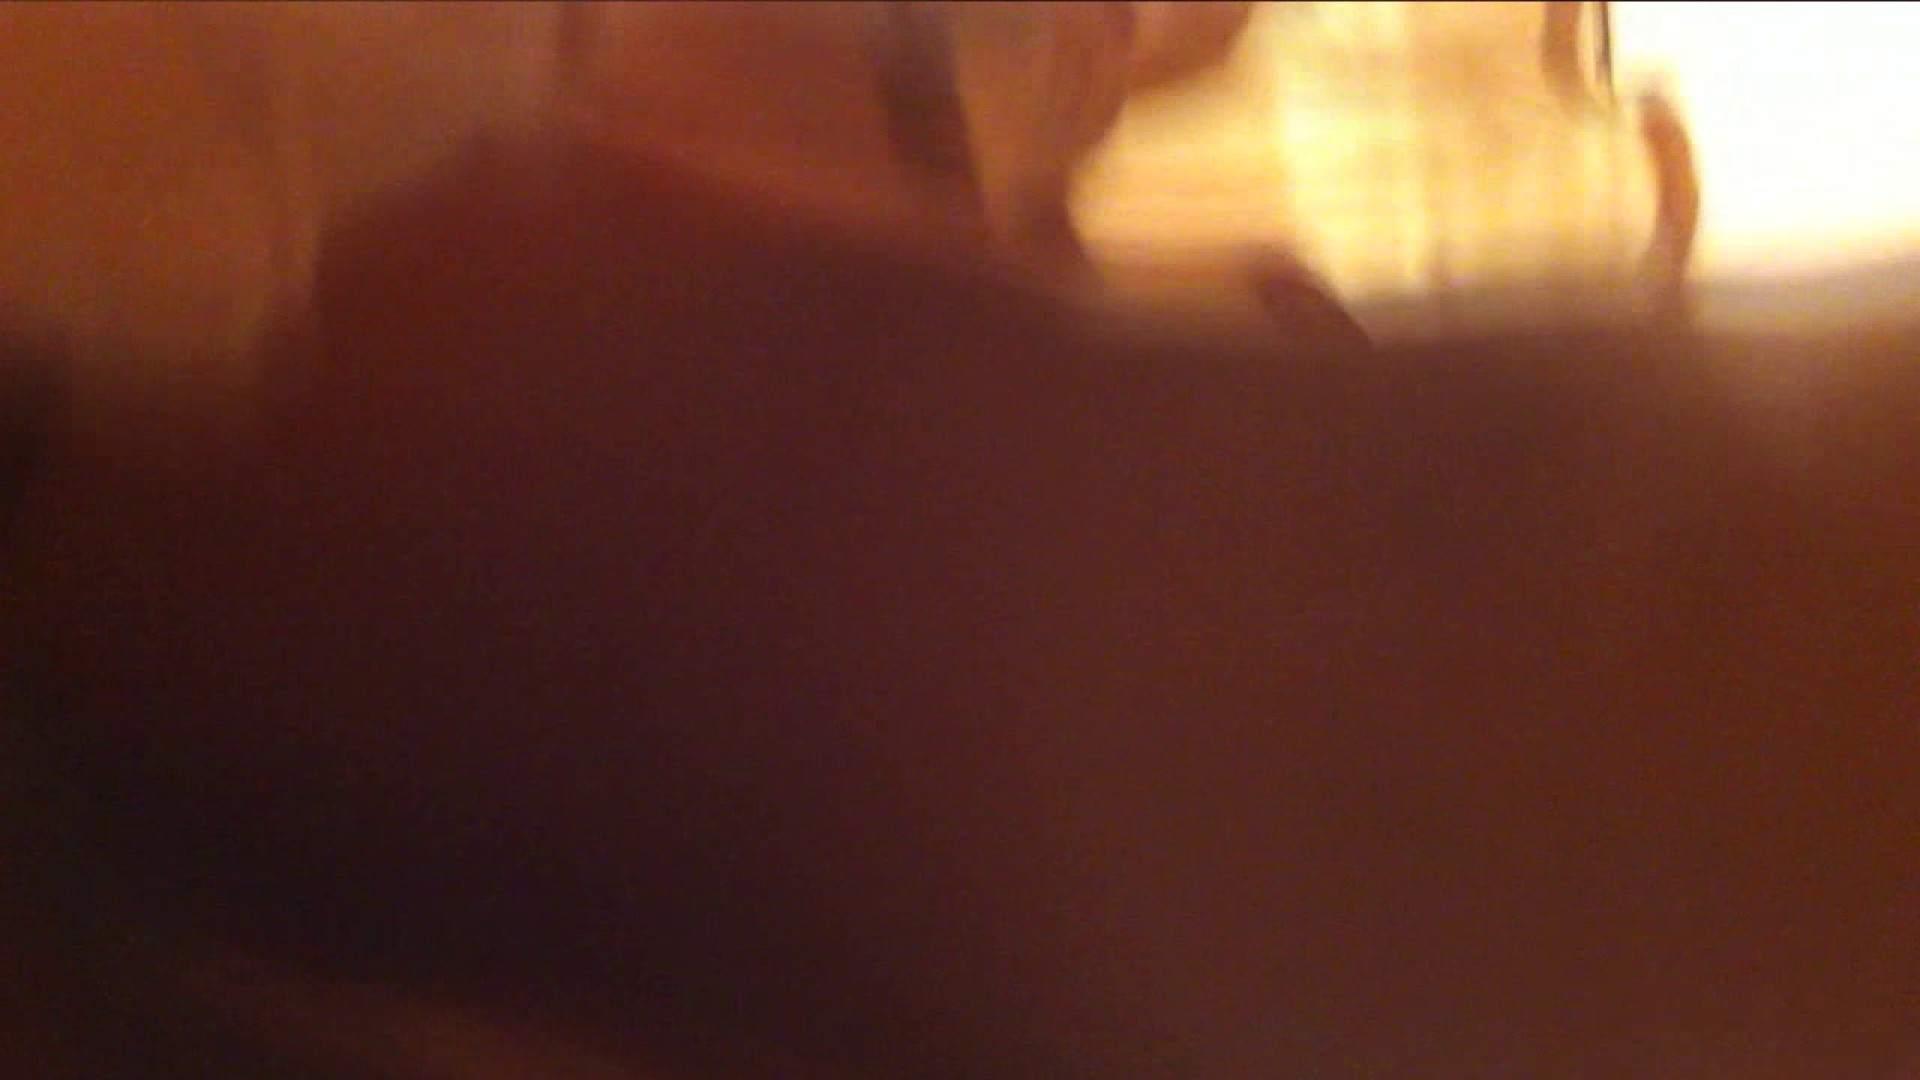 vol.35 美人アパレル胸チラ&パンチラ ひらひらスカートの中身は? 接写 | パンチラハメ撮り  62pic 20